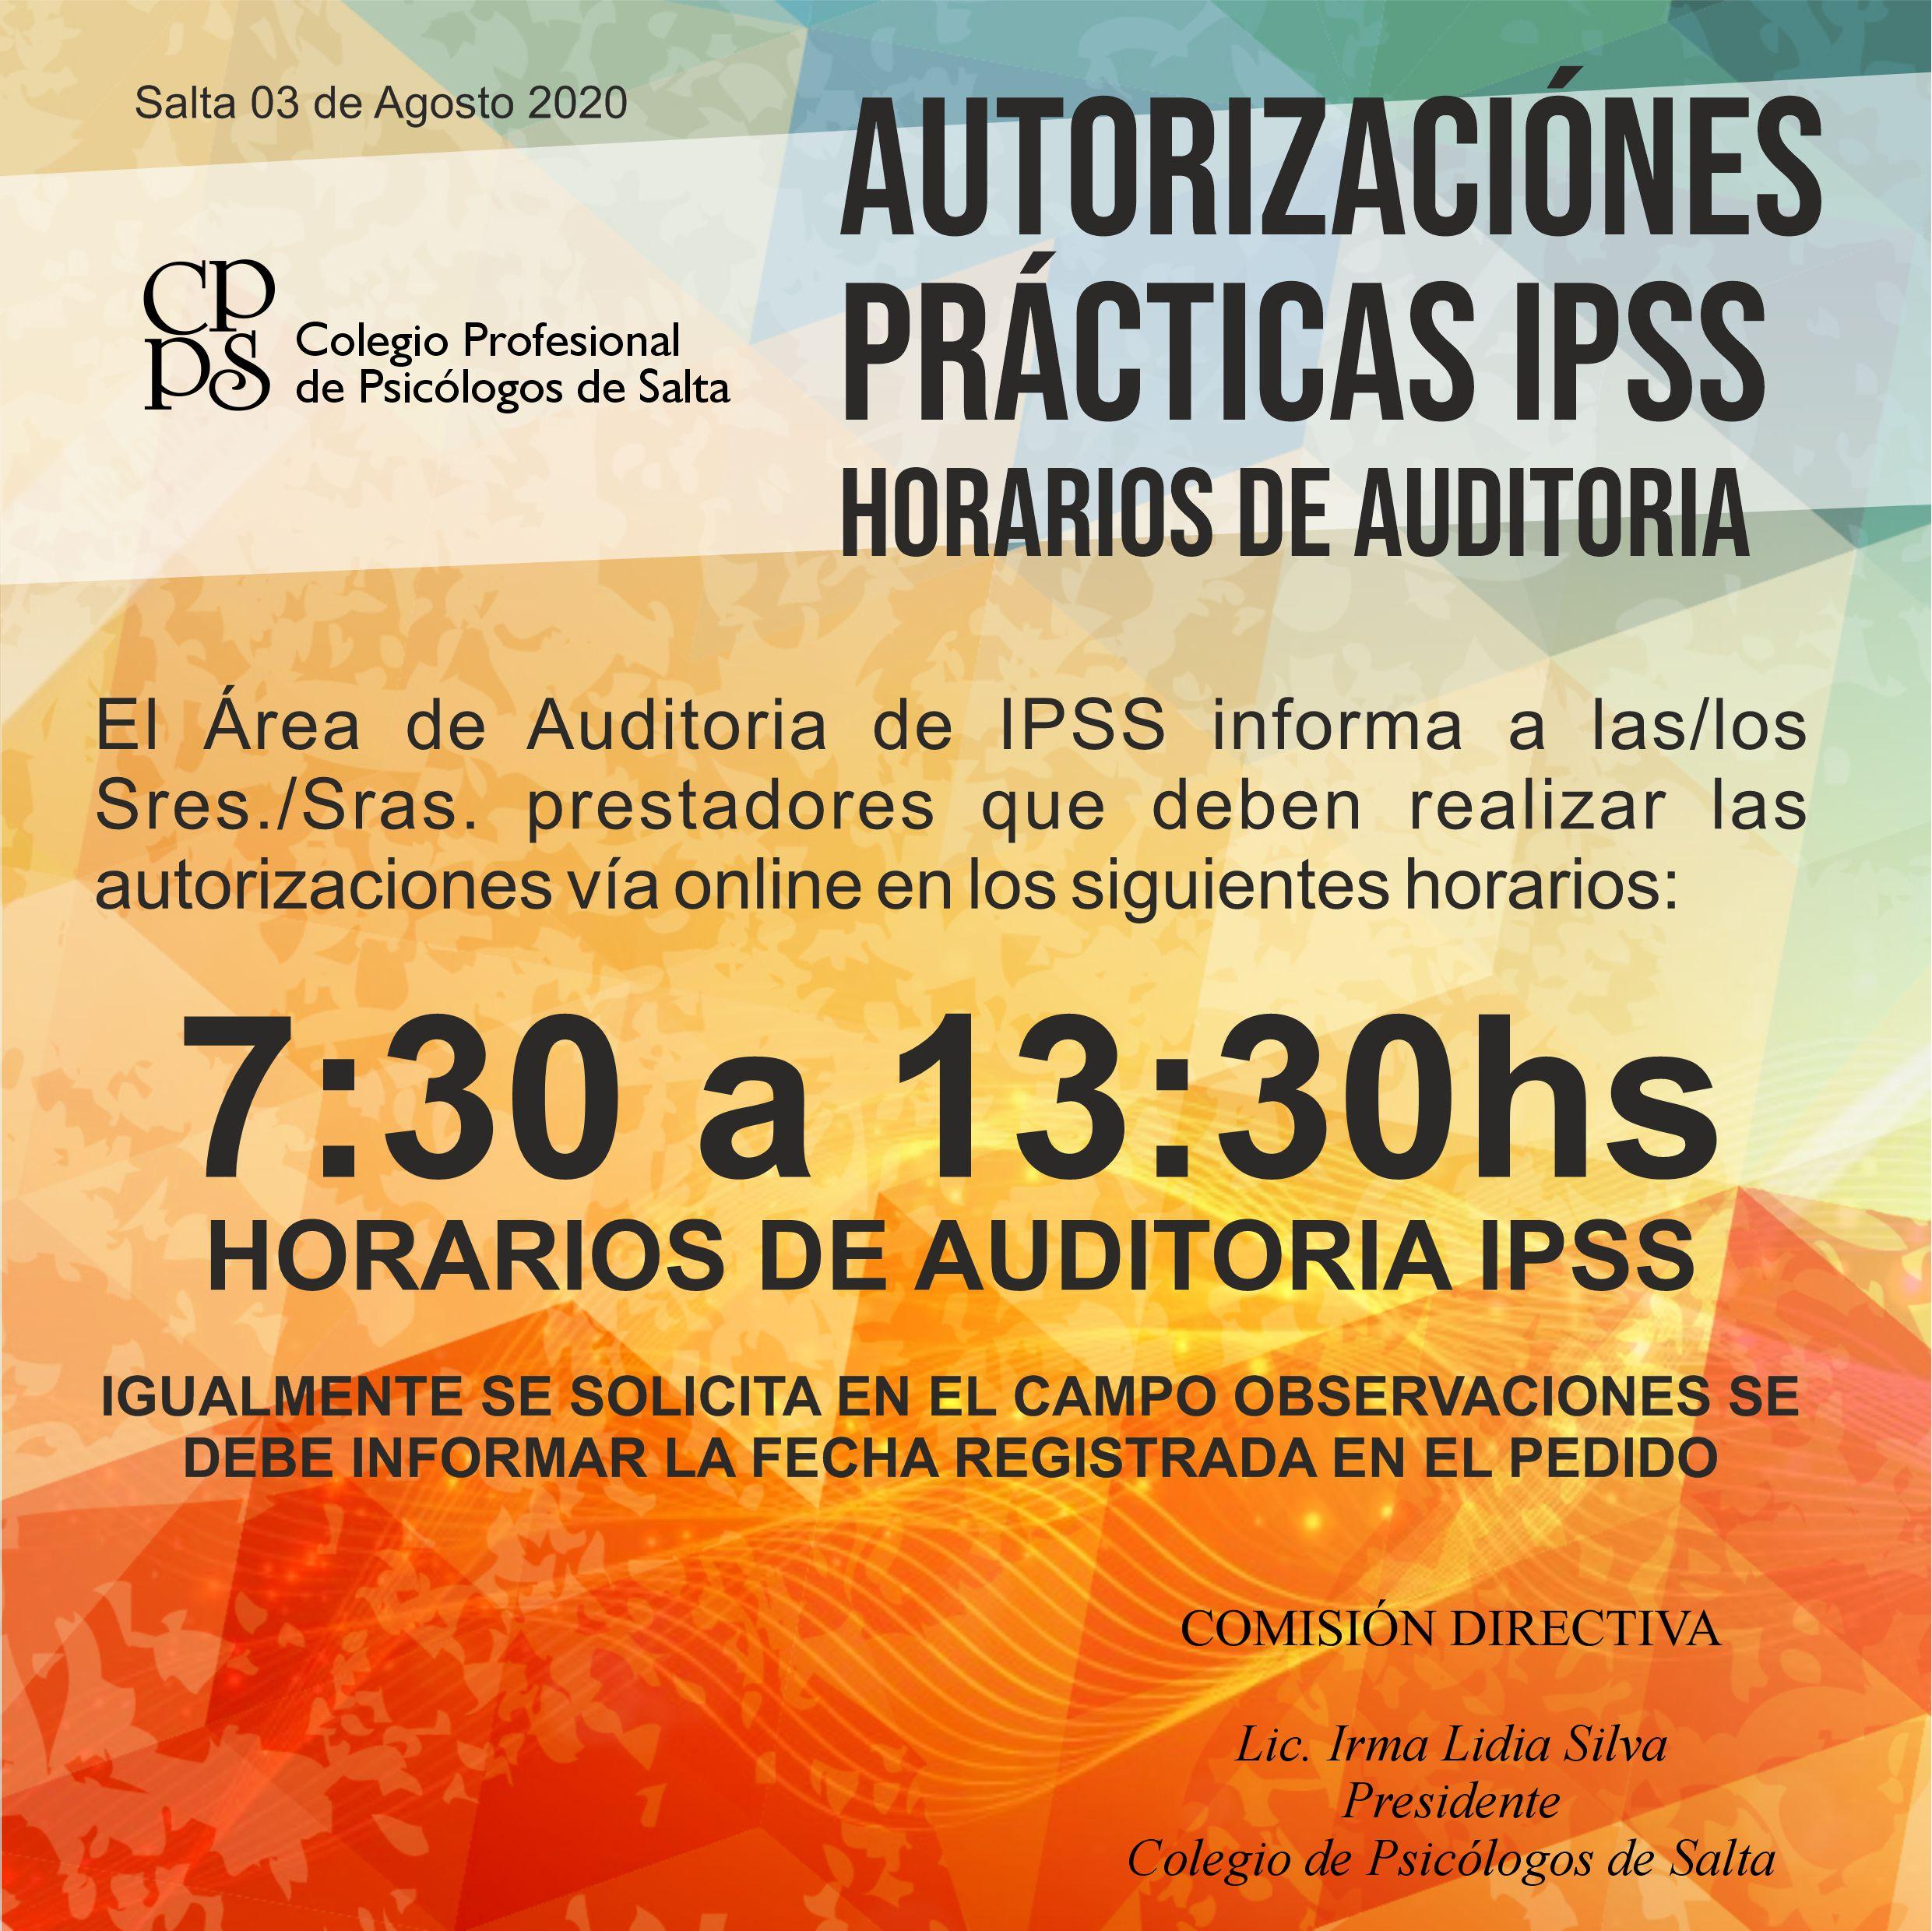 horario autorizaciones ipss